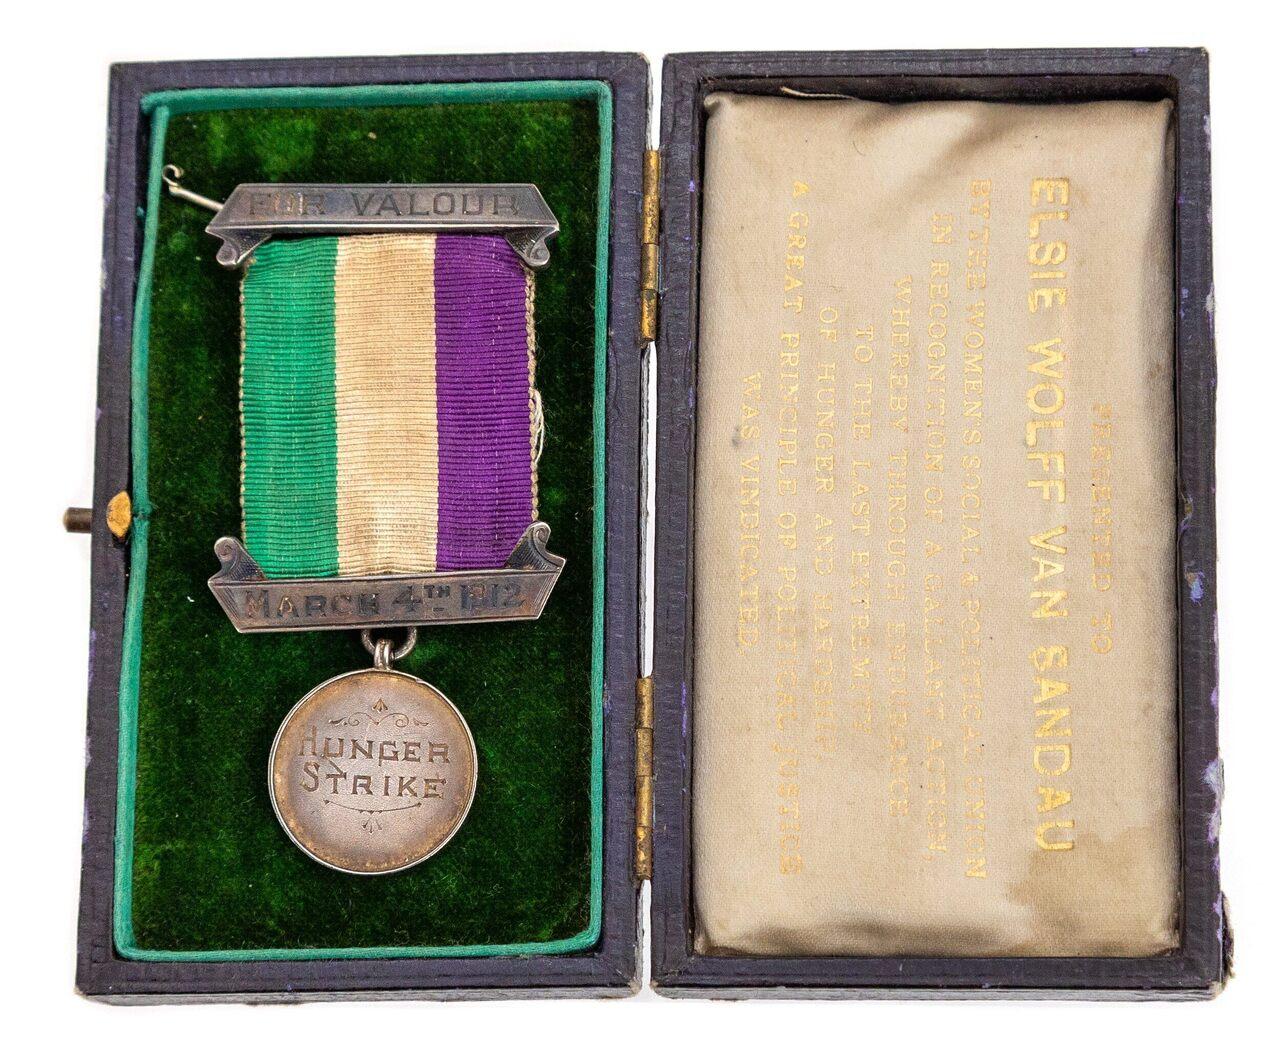 Elsie Wolff Van Sandau's medal in its original case, as it was found in the drawer.